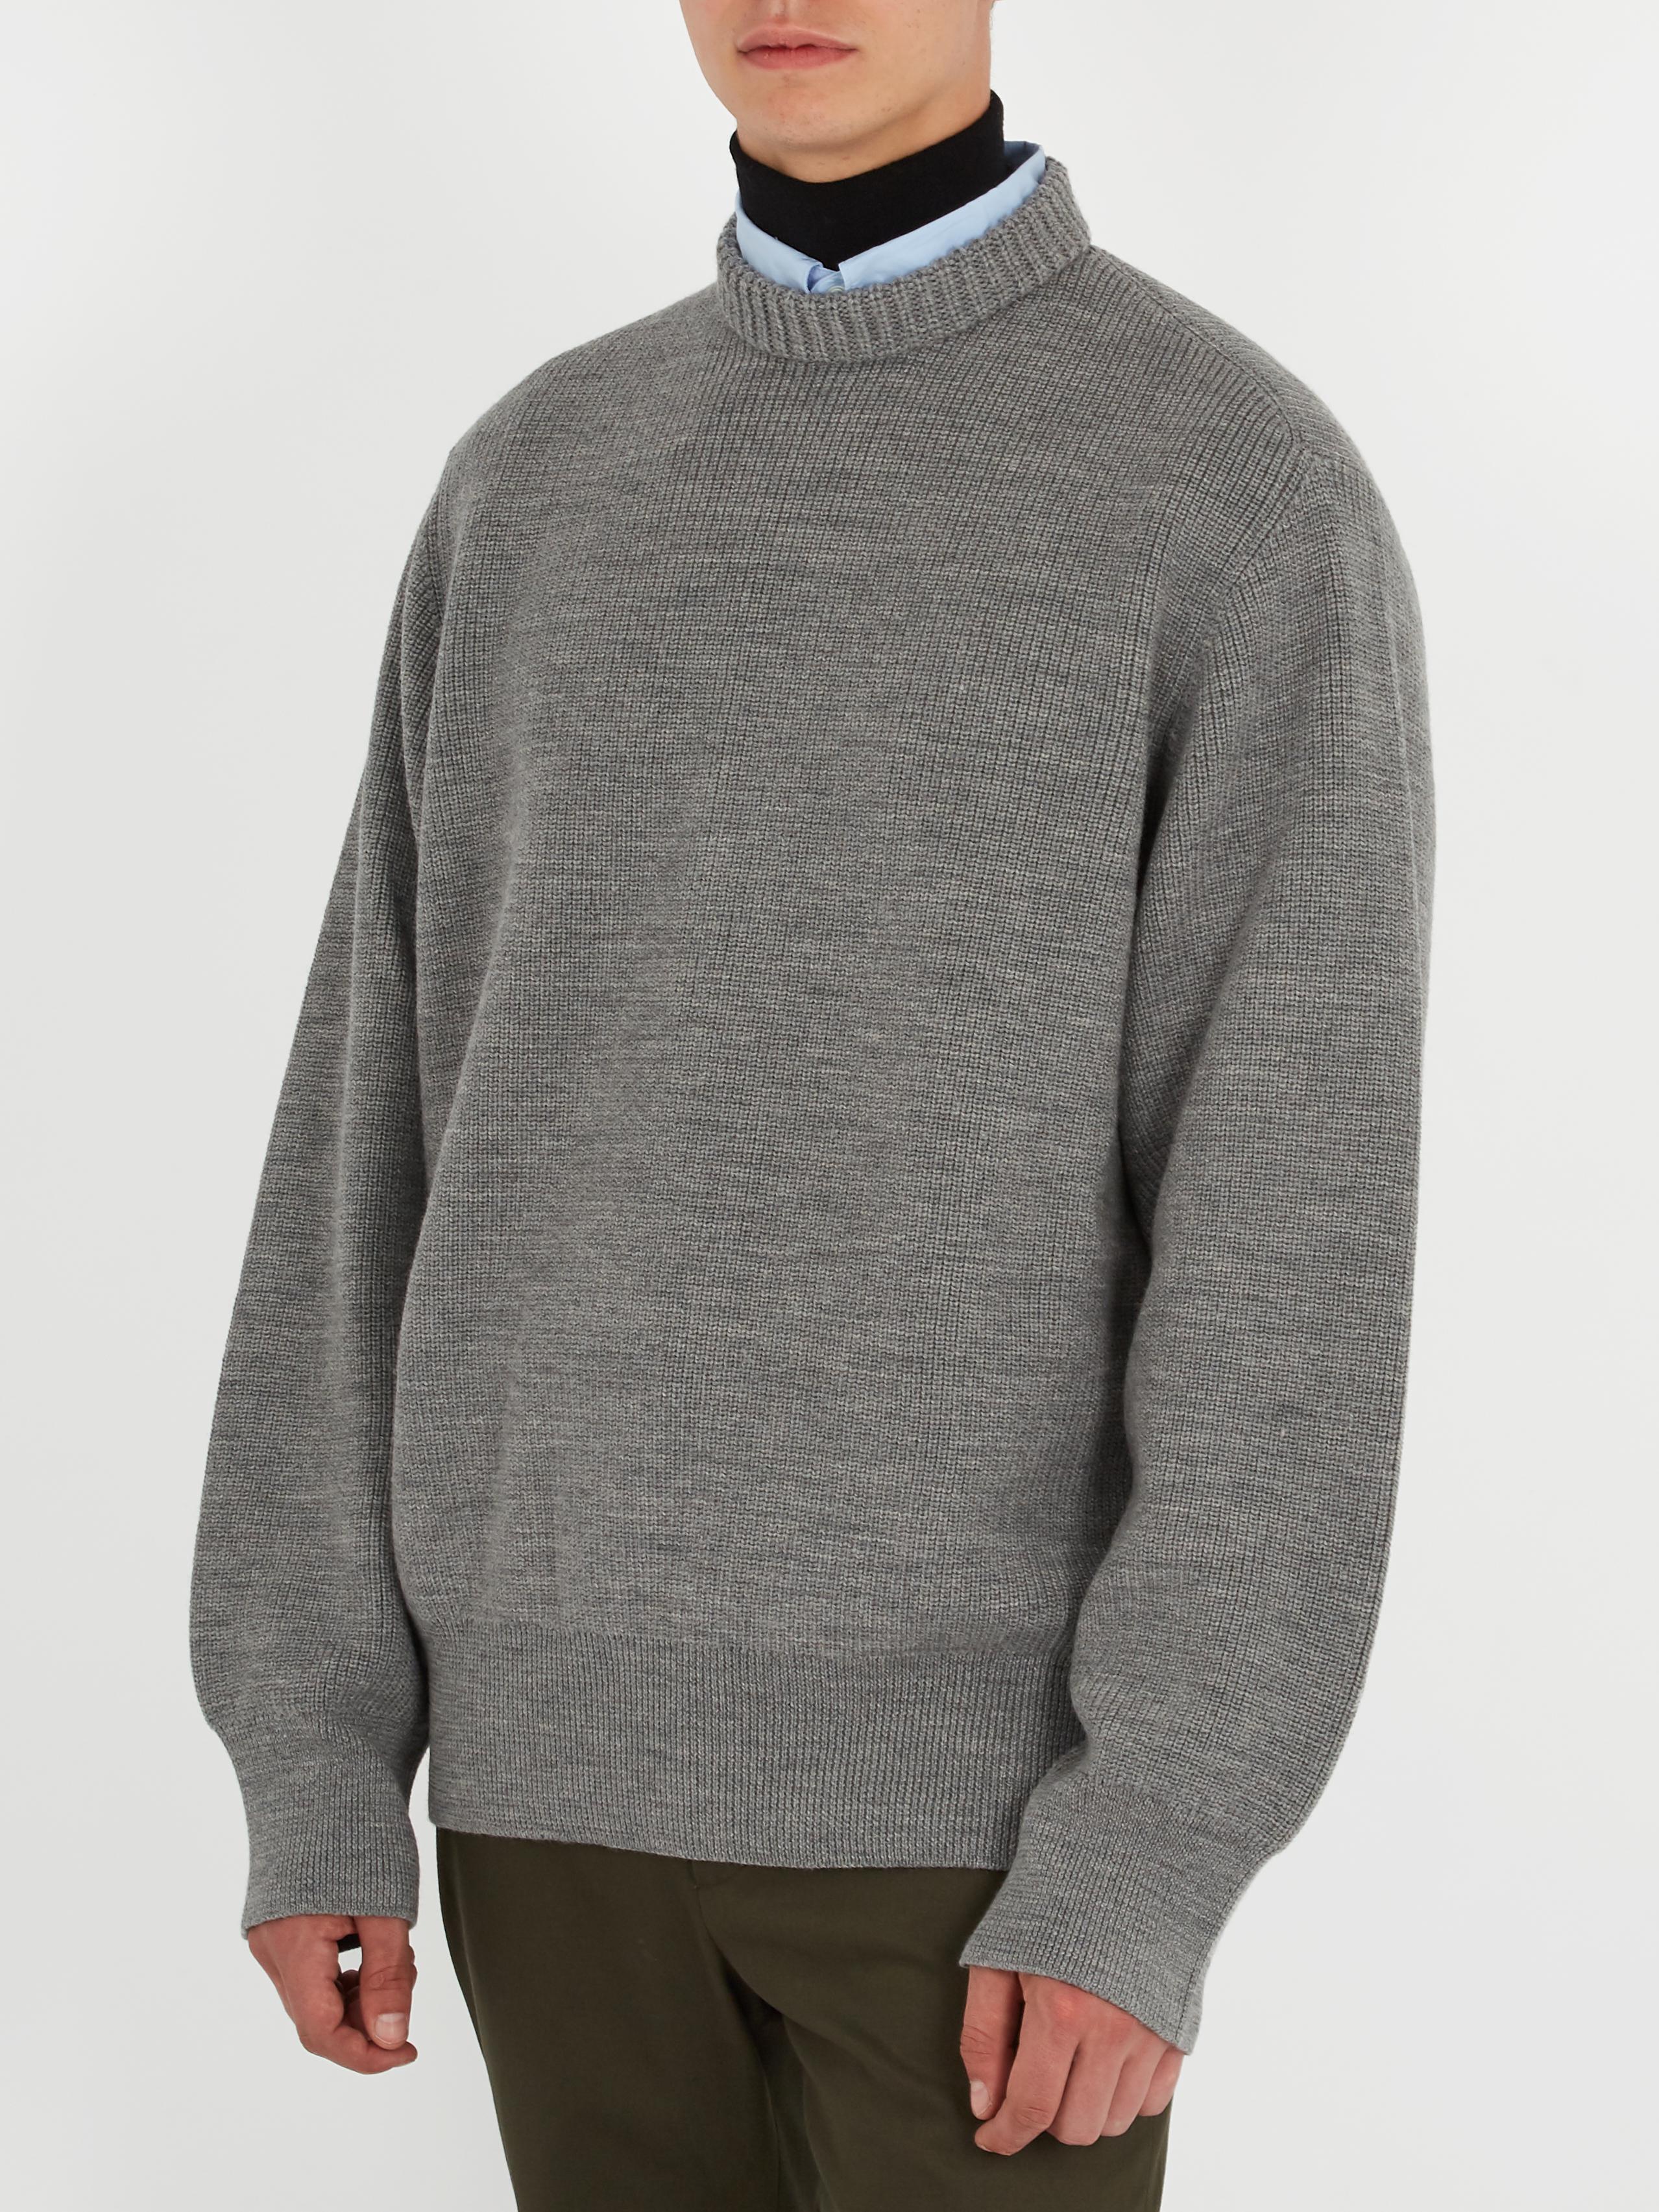 Lanvin Oversized Wool Sweater in Gray for Men | Lyst